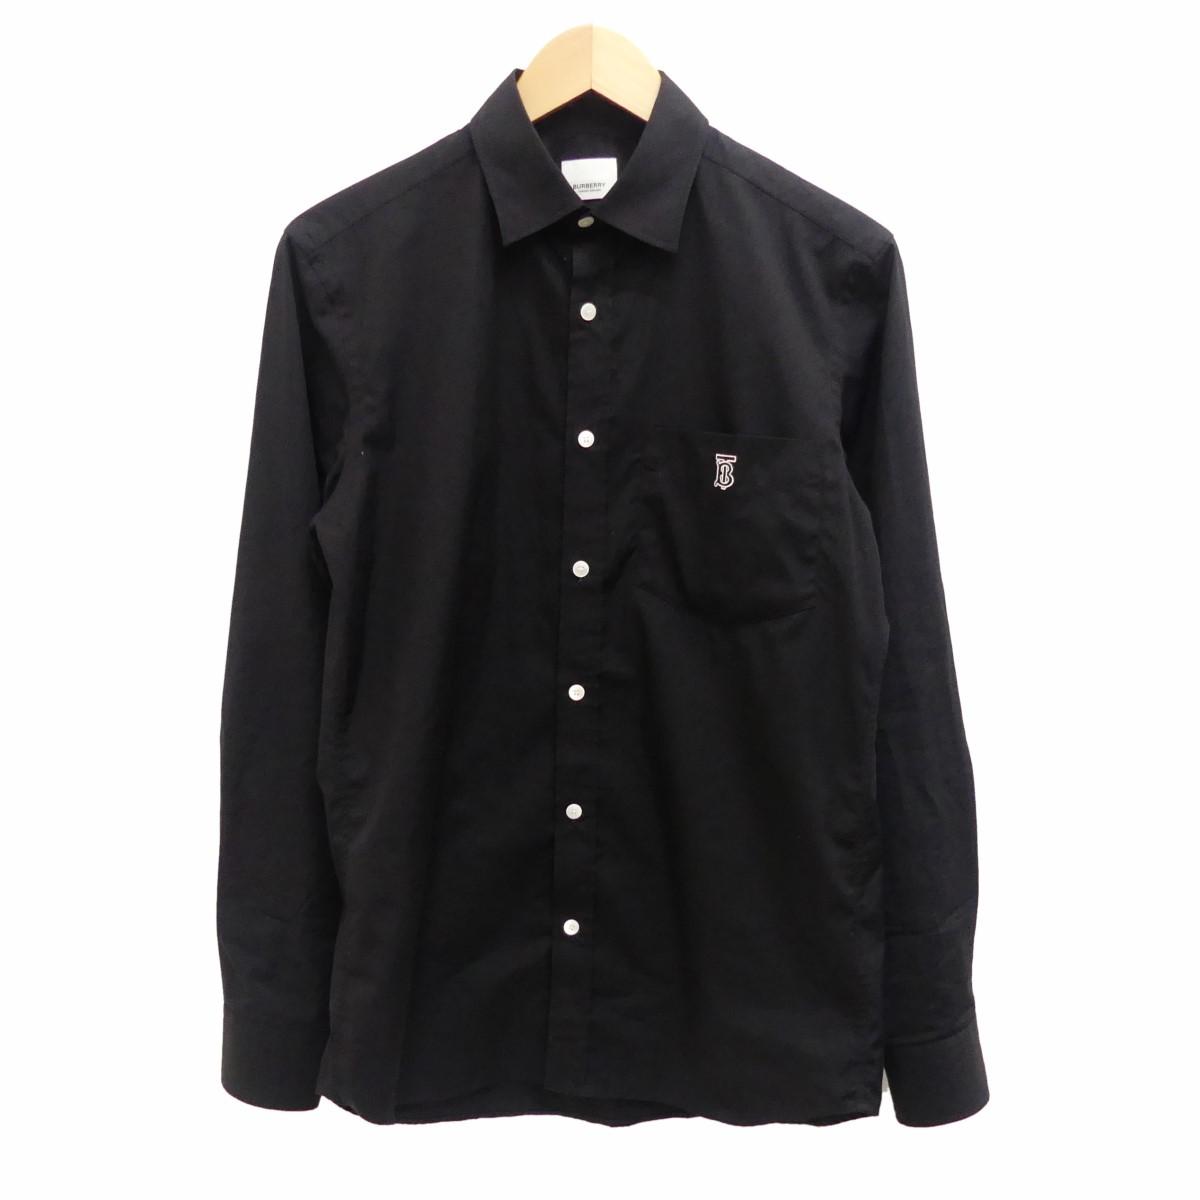 【中古】BURBERRY Long Sleeves Cotton Shirts ロゴ刺繍シャツ ブラック サイズ:S 【120320】(バーバリー)